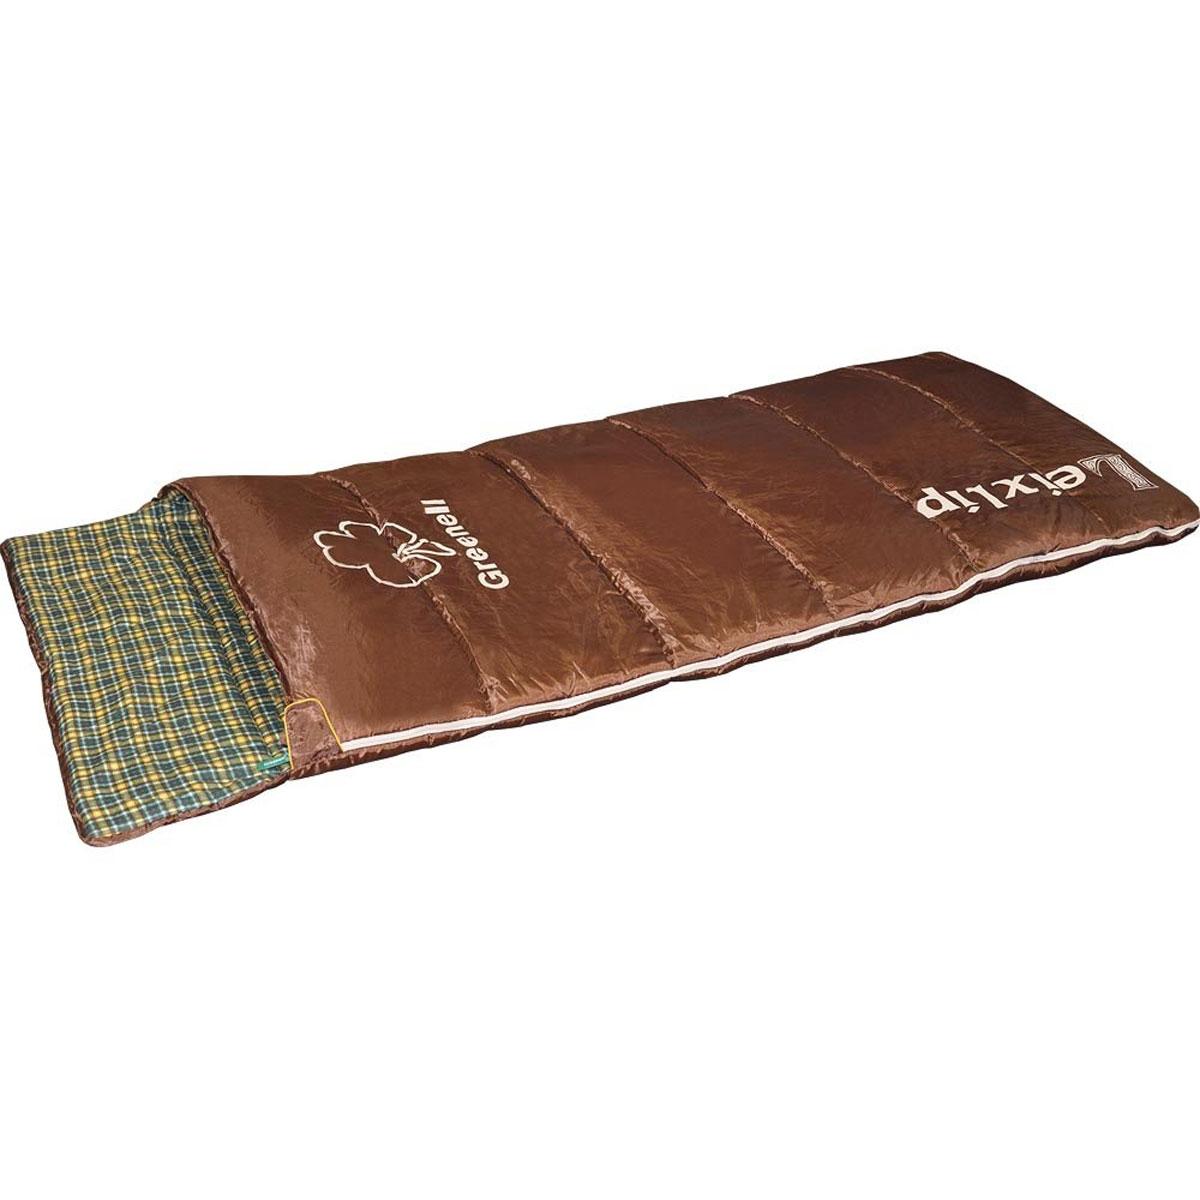 Спальный мешок Greenell Лейкслип, правосторонняя молния, цвет: коричневый